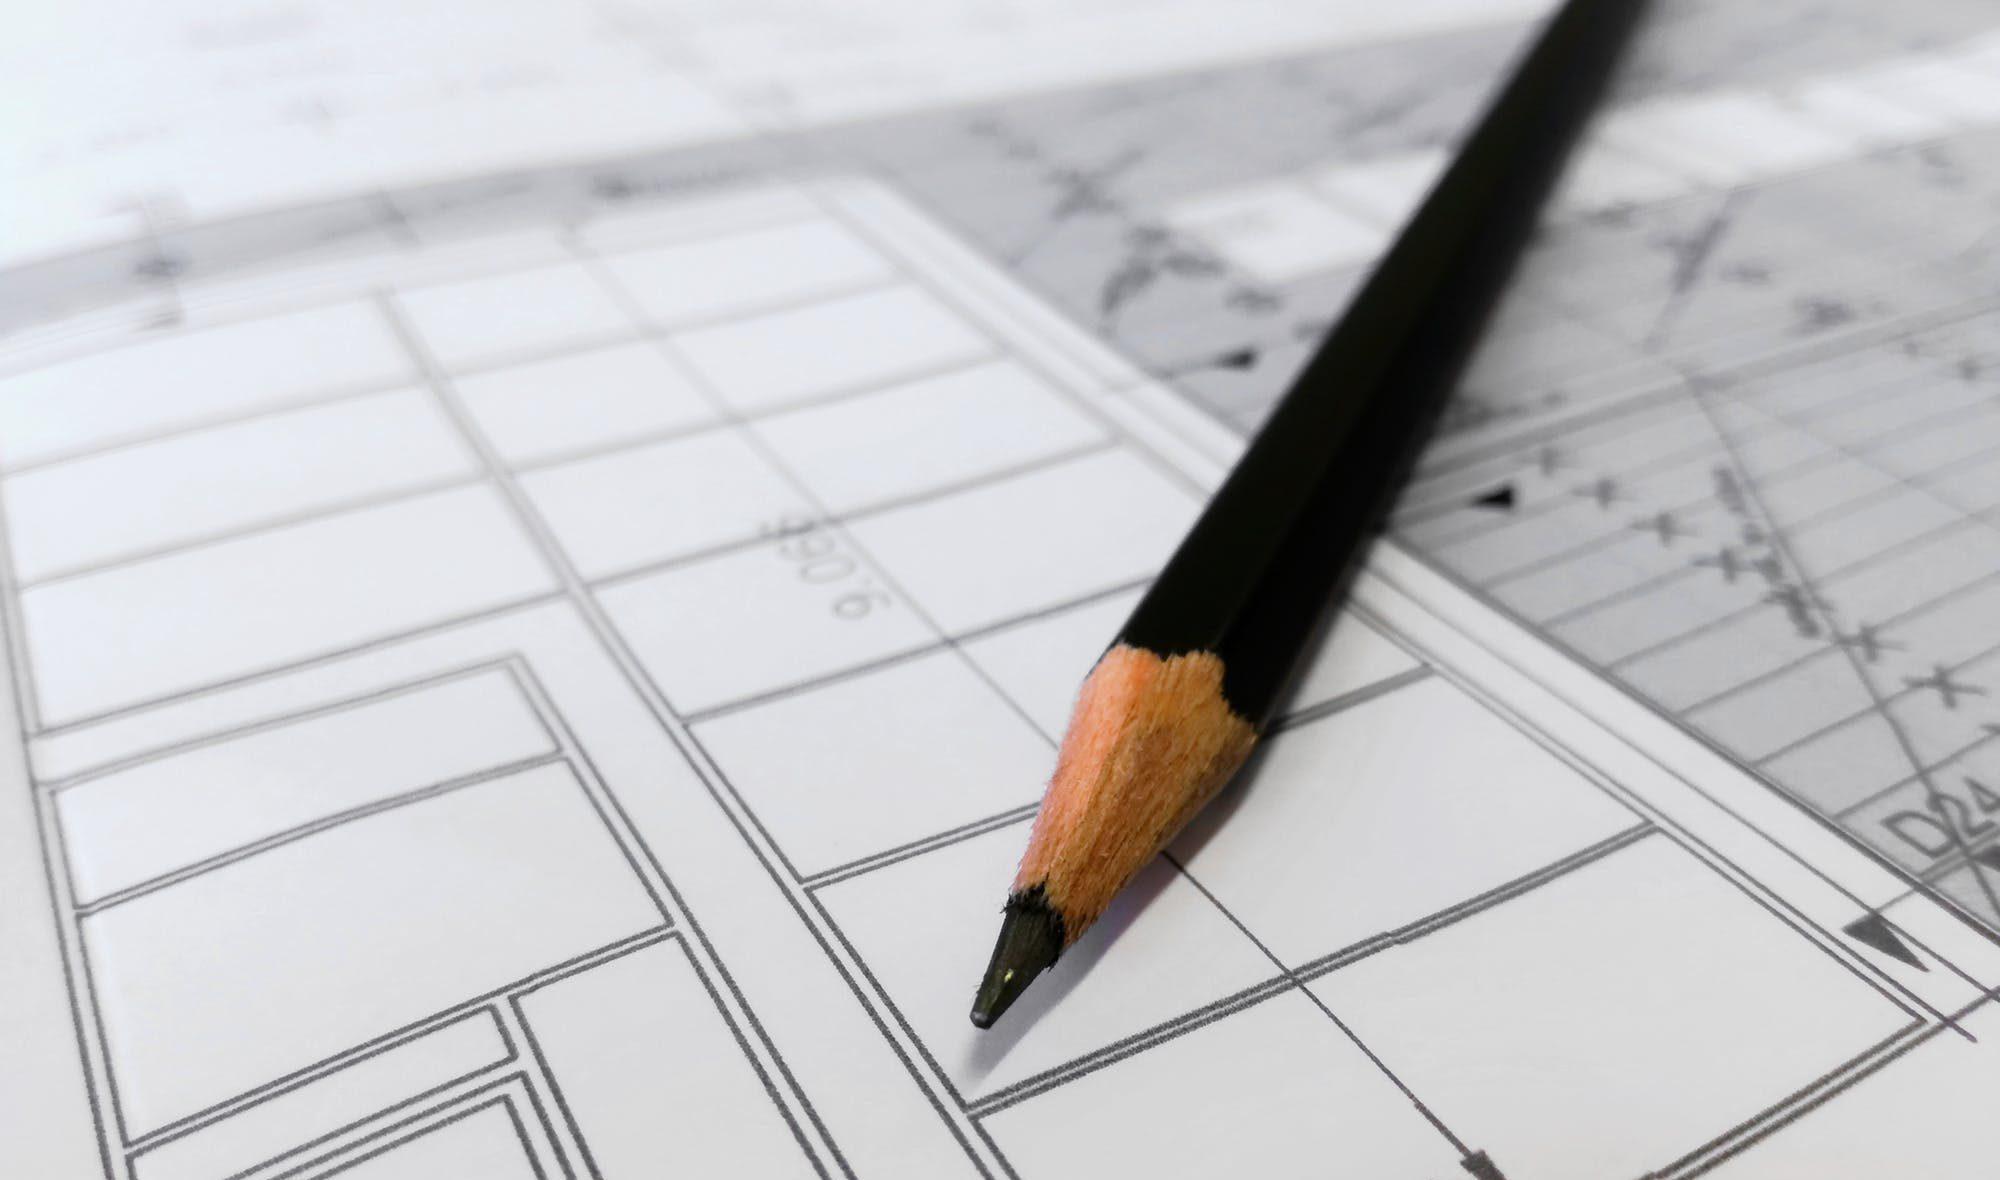 Plano vivienda diferencia entre superficie útil, construida y computable